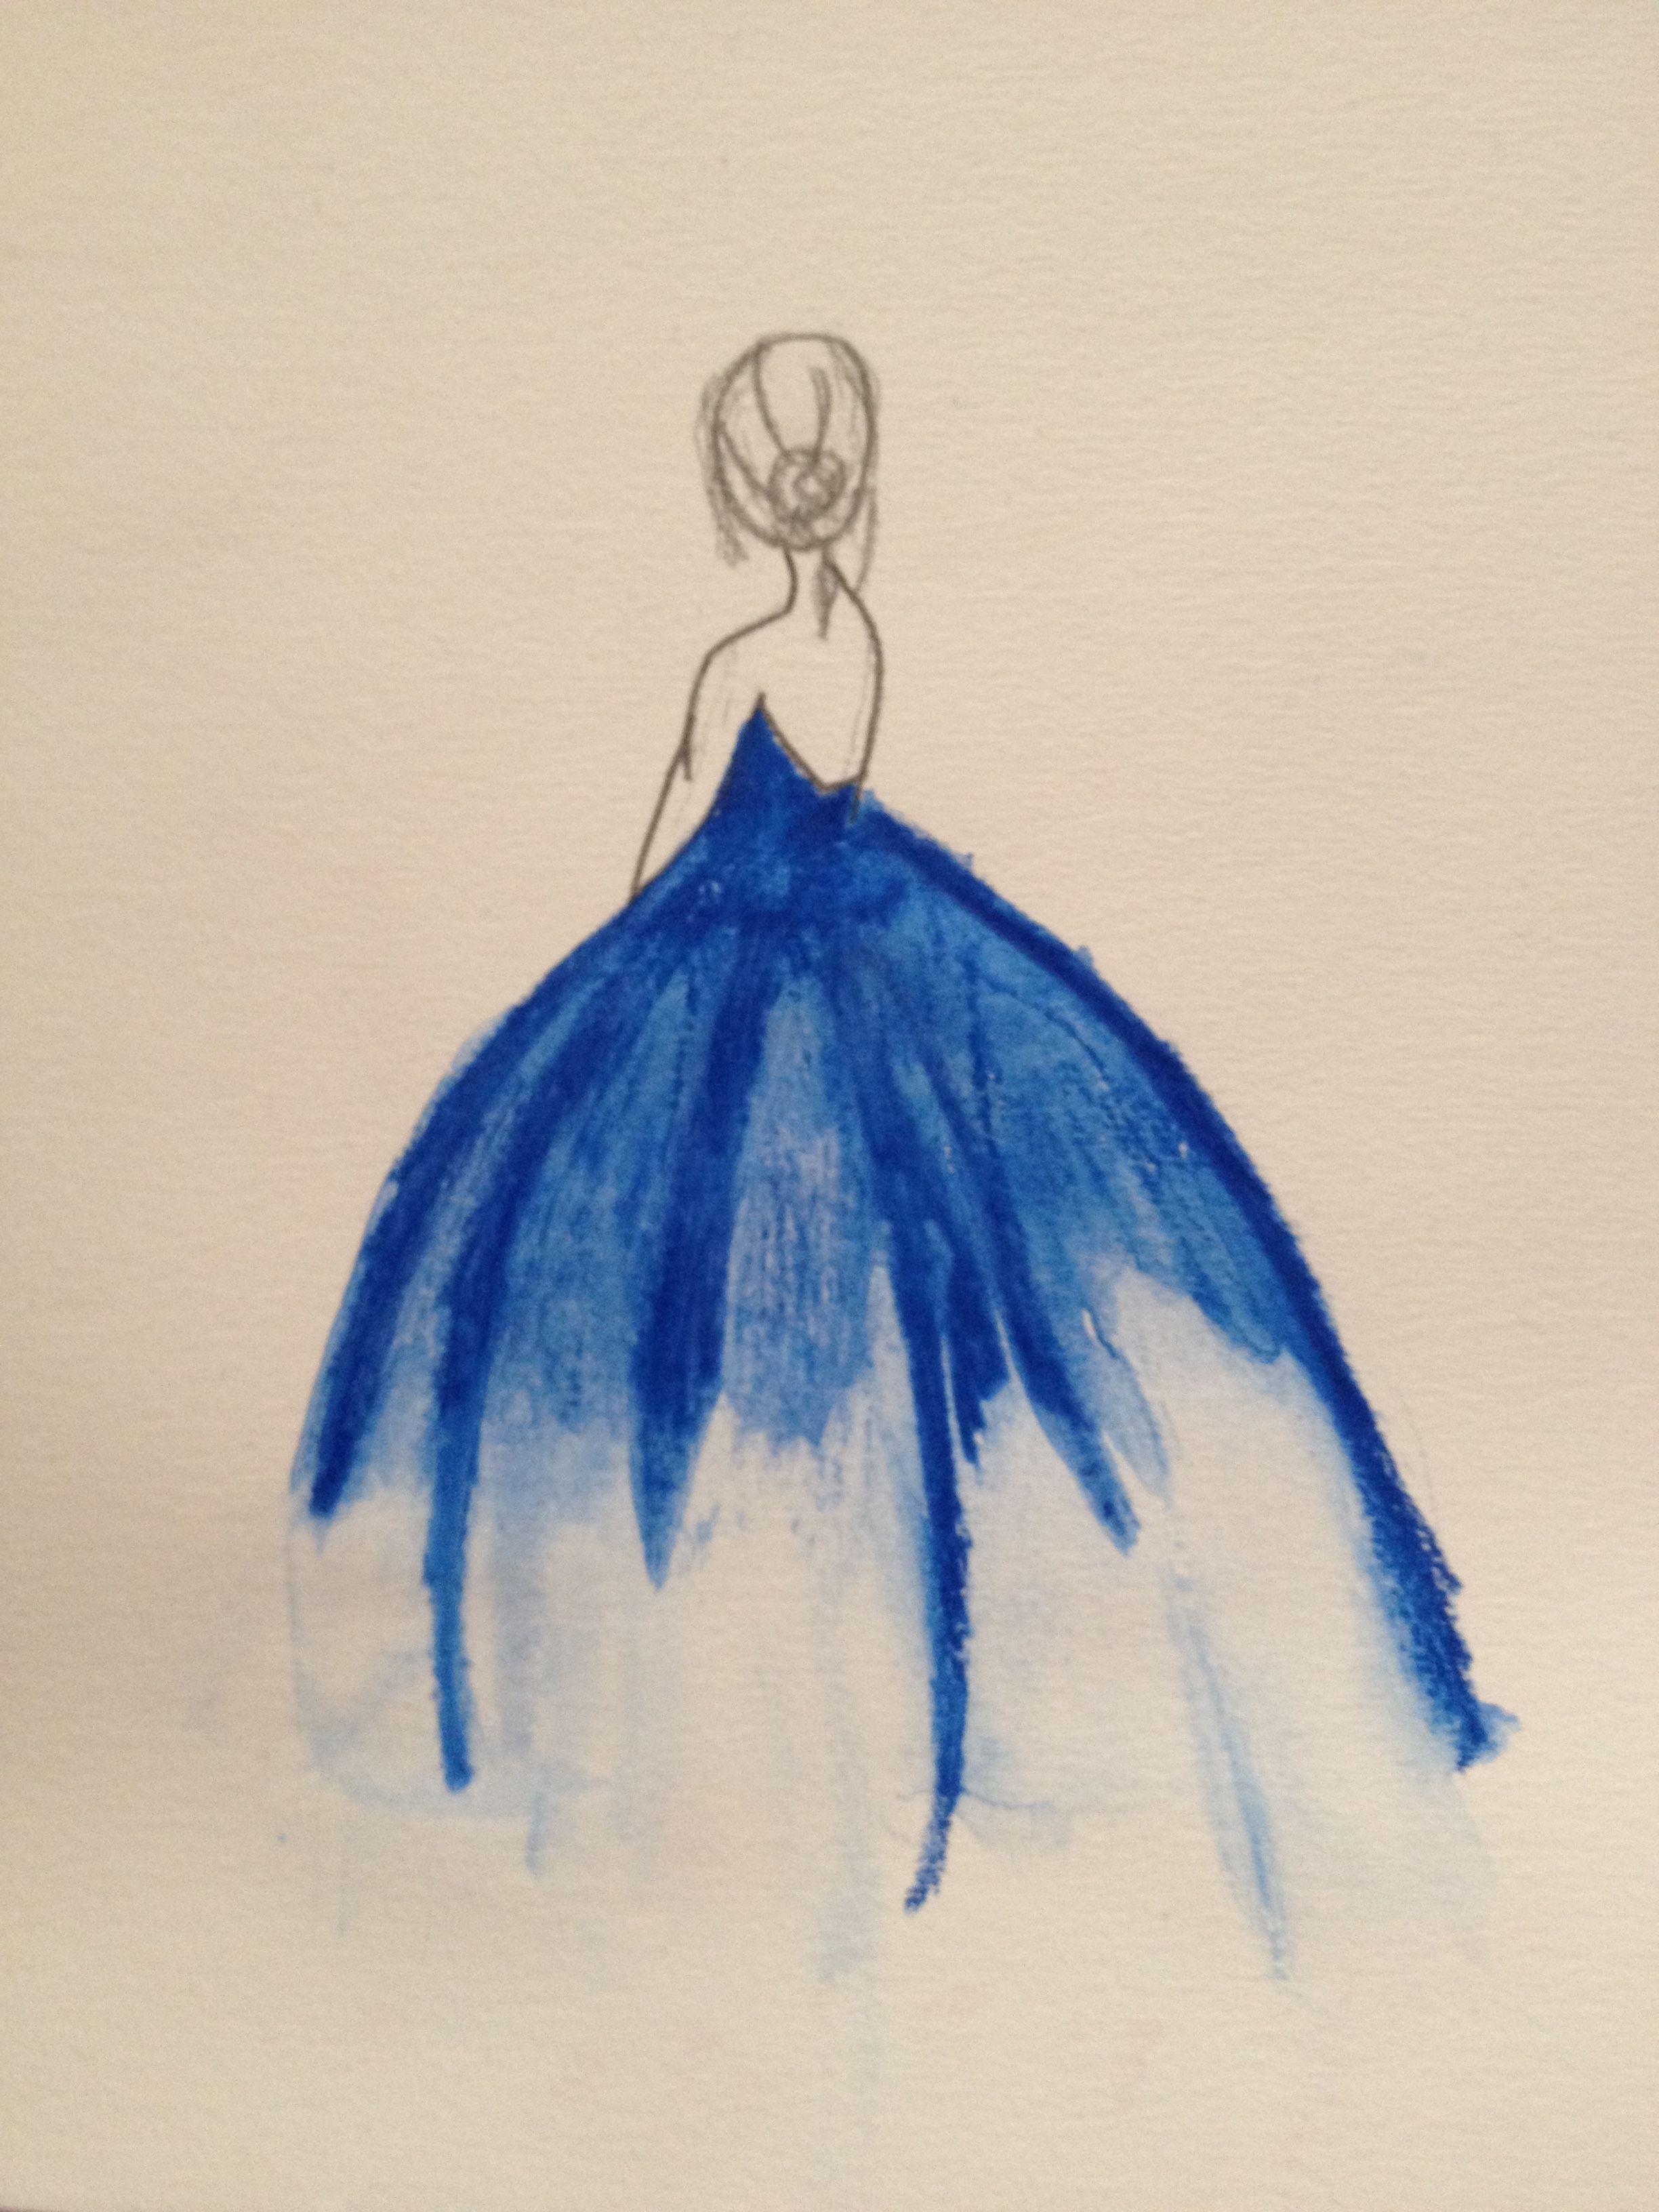 Aquarell Kleid Menschen Malen Selber Malen Und Acrylbilder